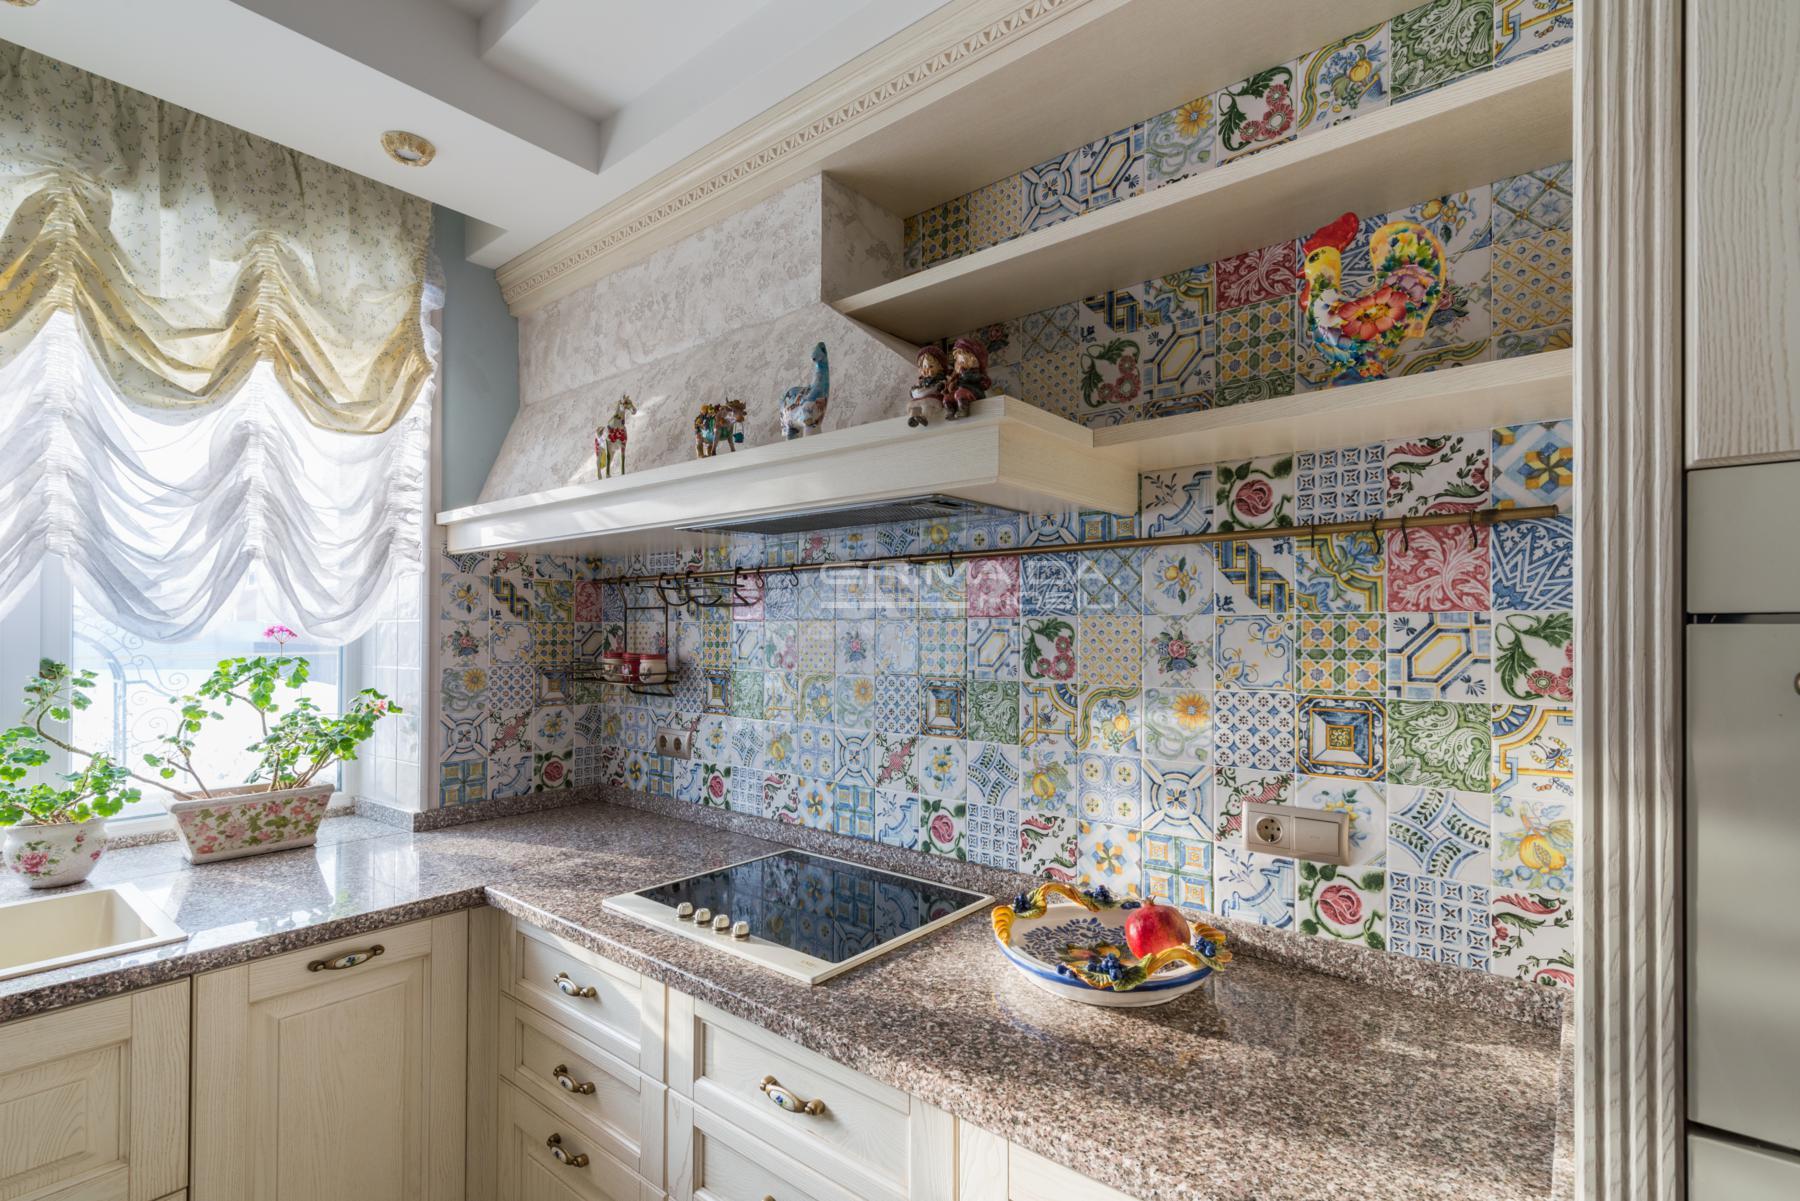 Cucina laccata spazzolato 13 er ma da mobilificio for Progetta i tuoi mobili online